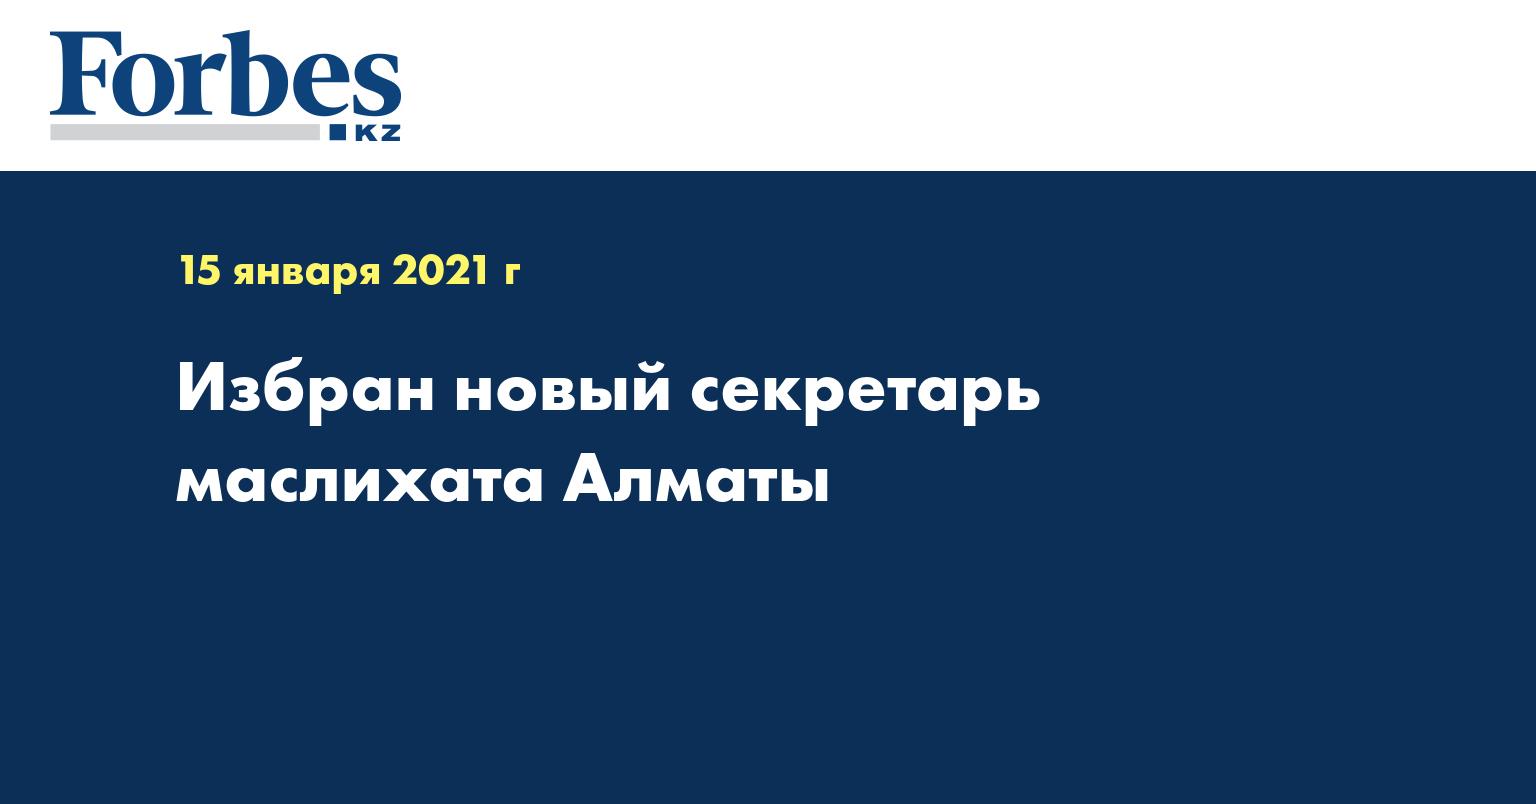 Избран новый секретарь маслихата Алматы